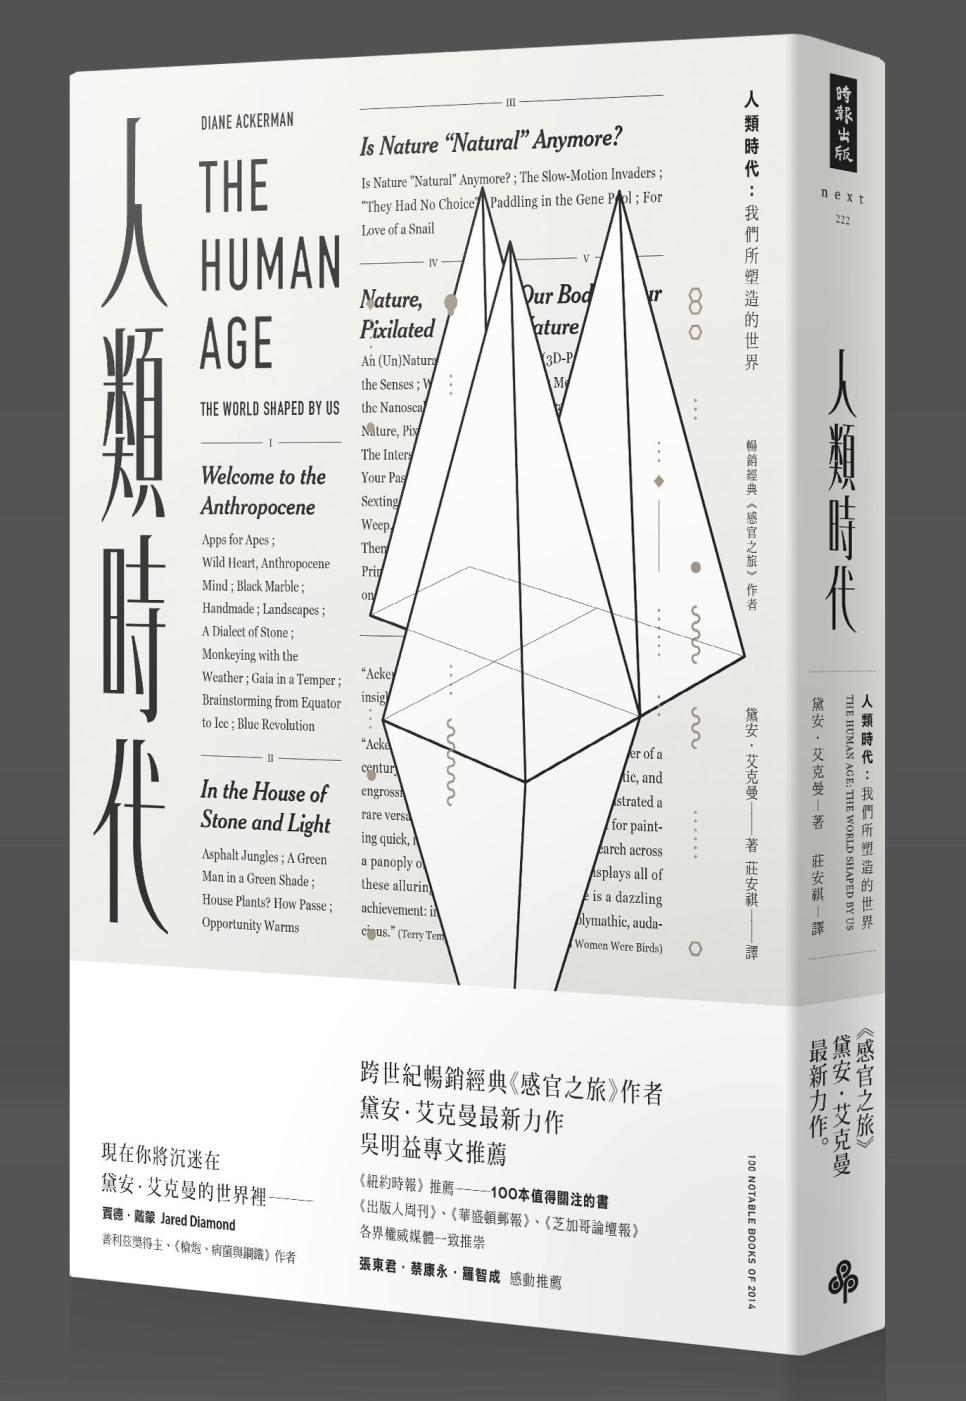 人類時代:我們所塑造的世界